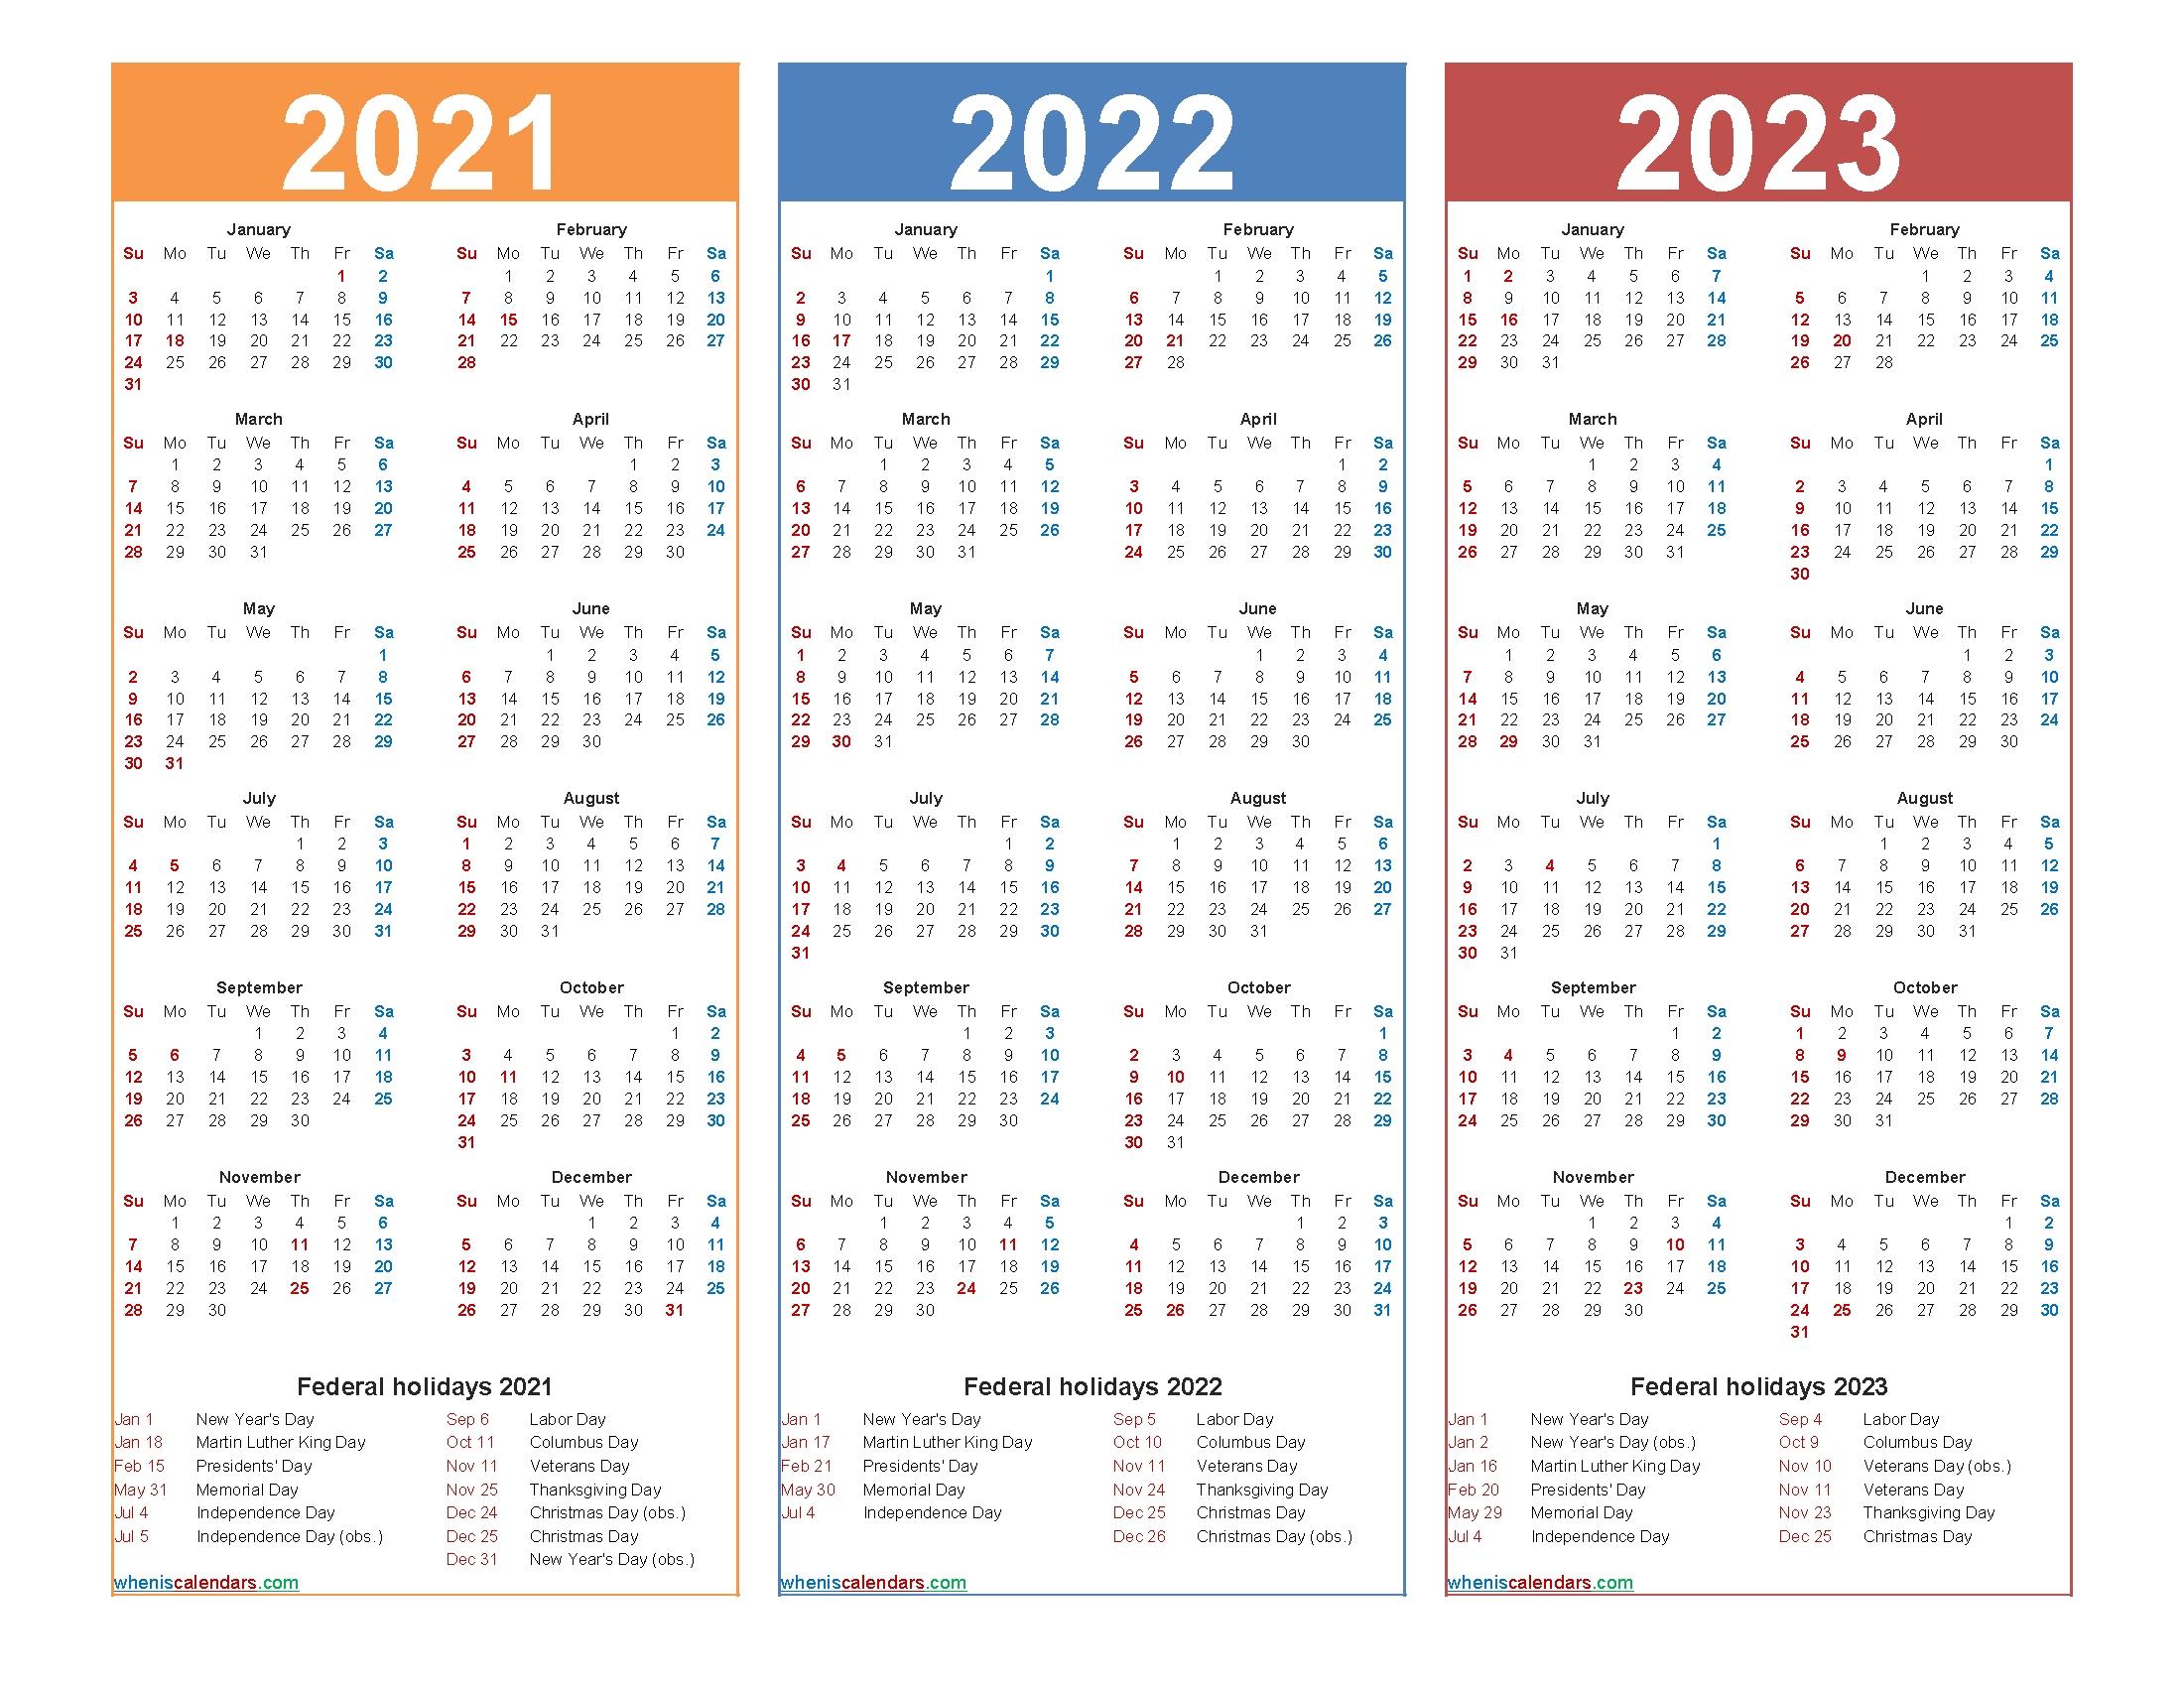 Get Calendar For 2021 2022 2023